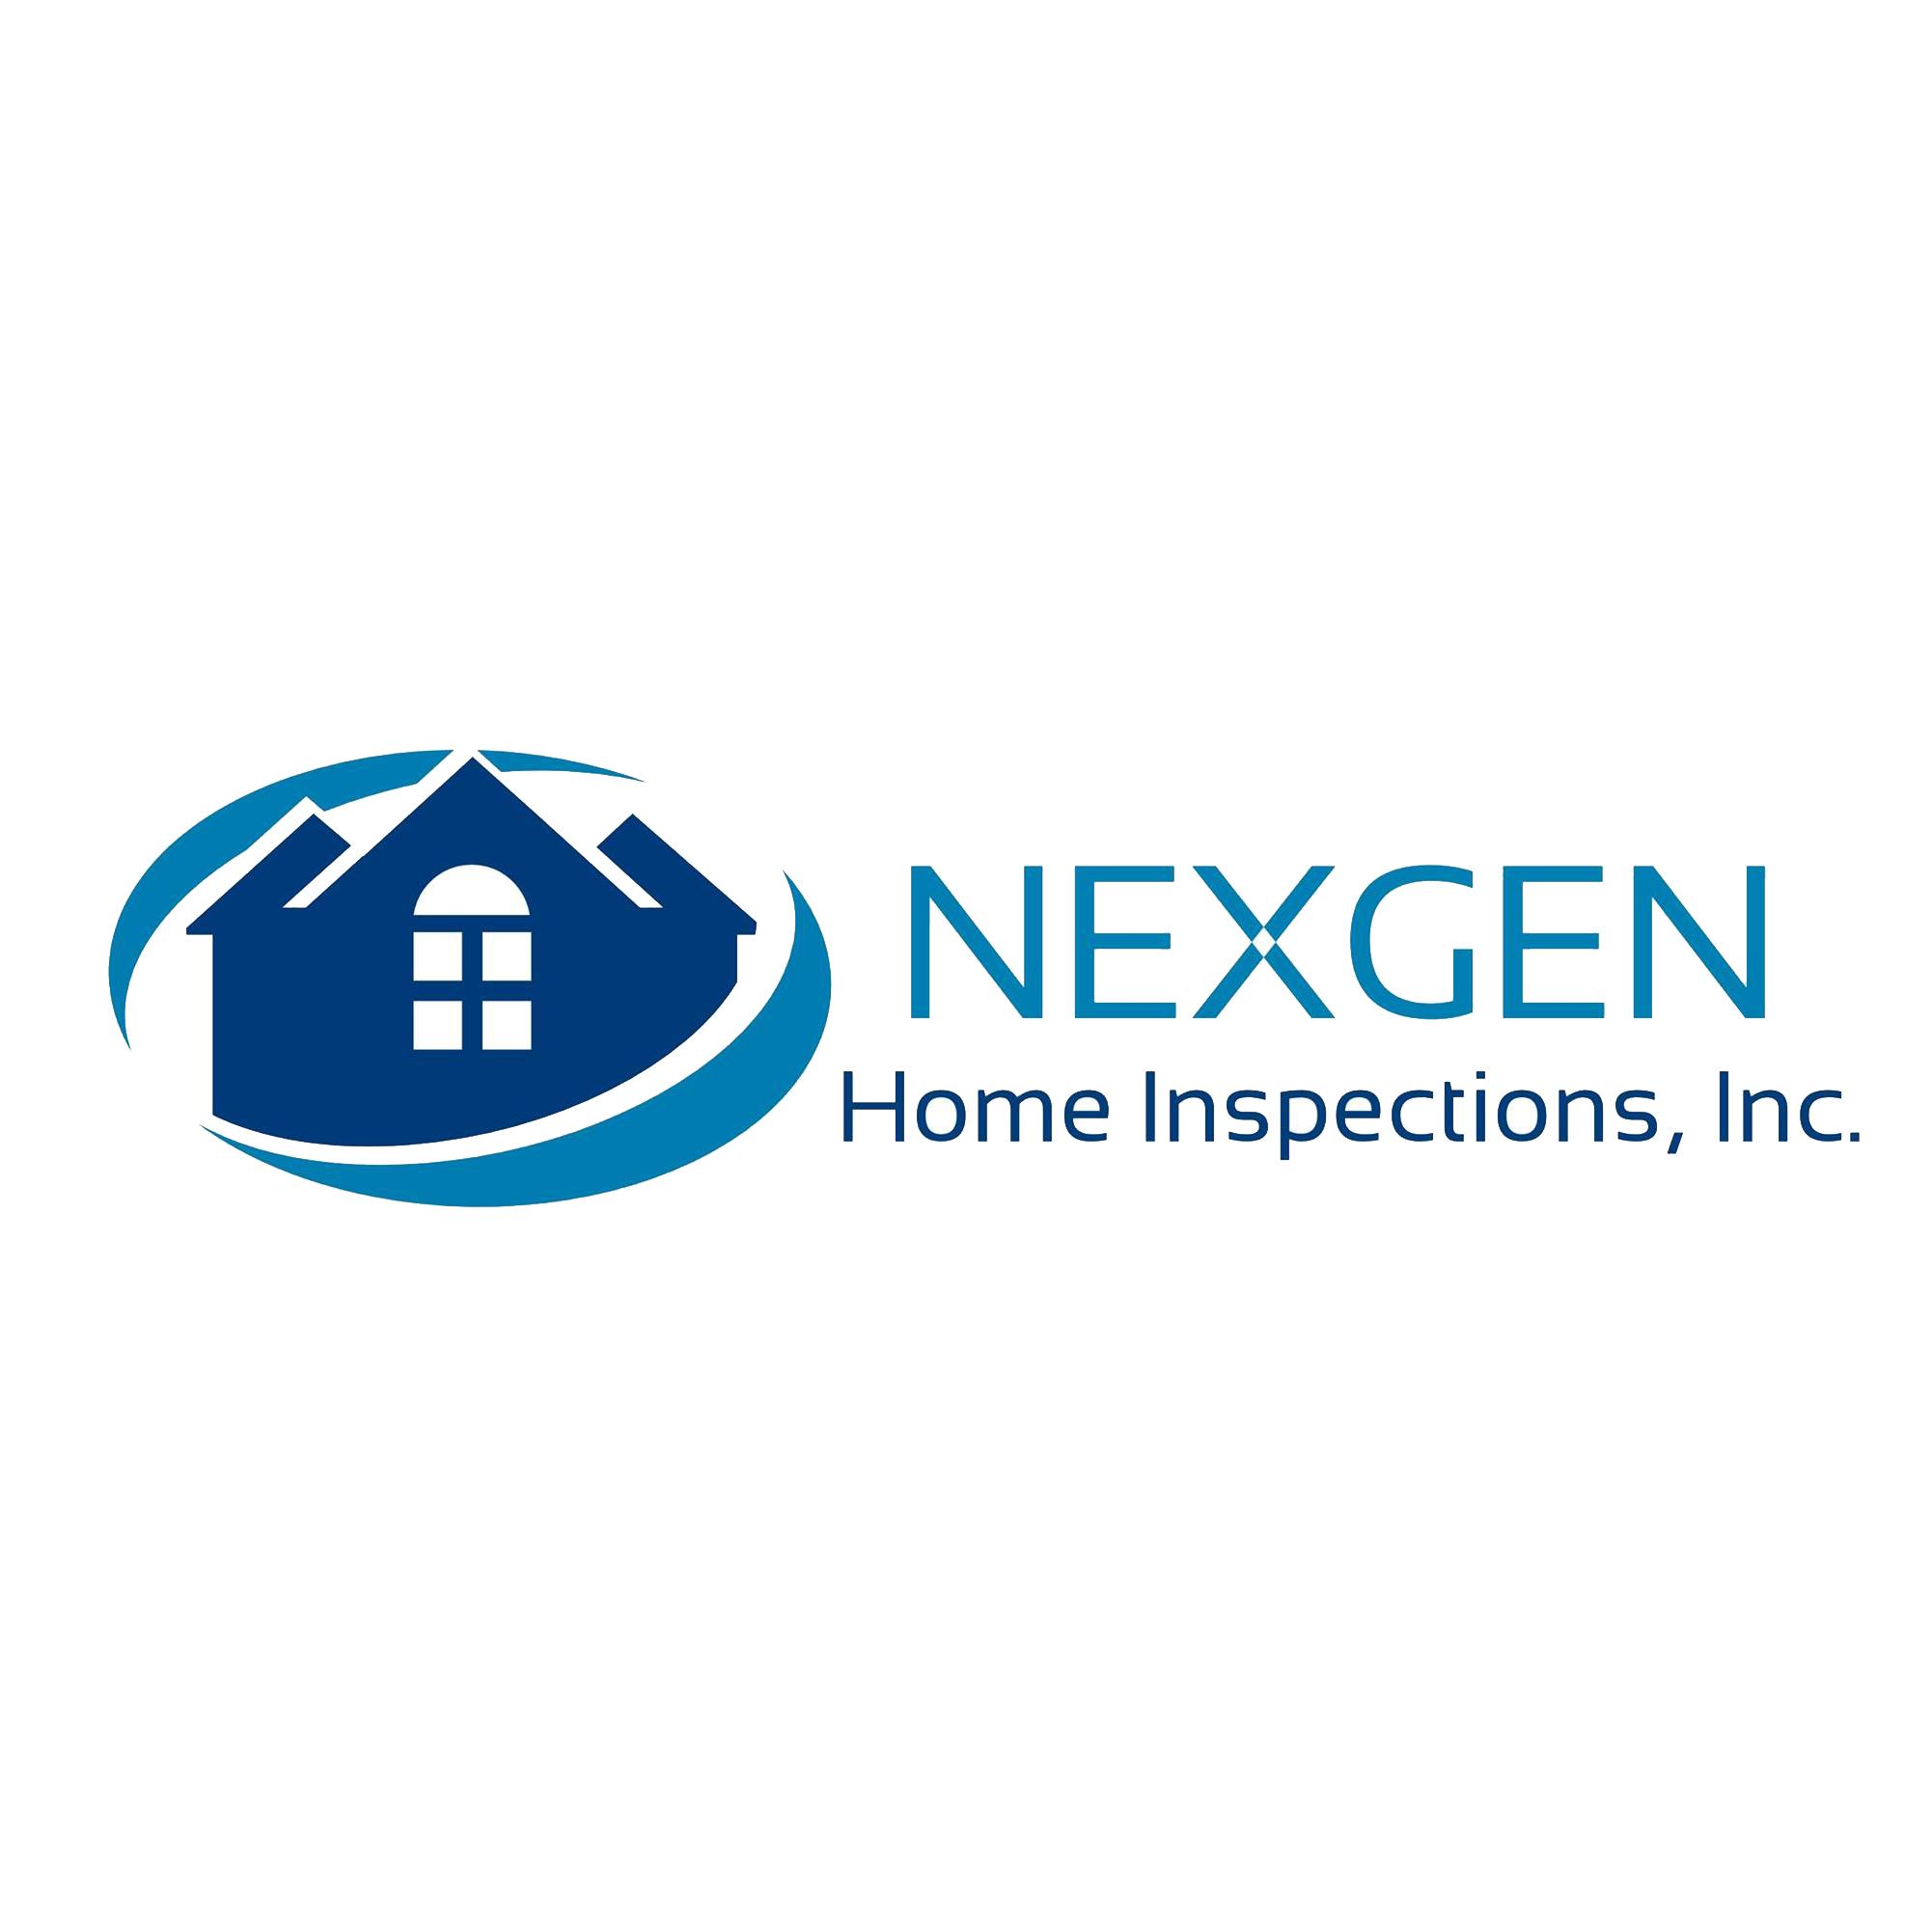 NexGen Home Inspections, Inc.